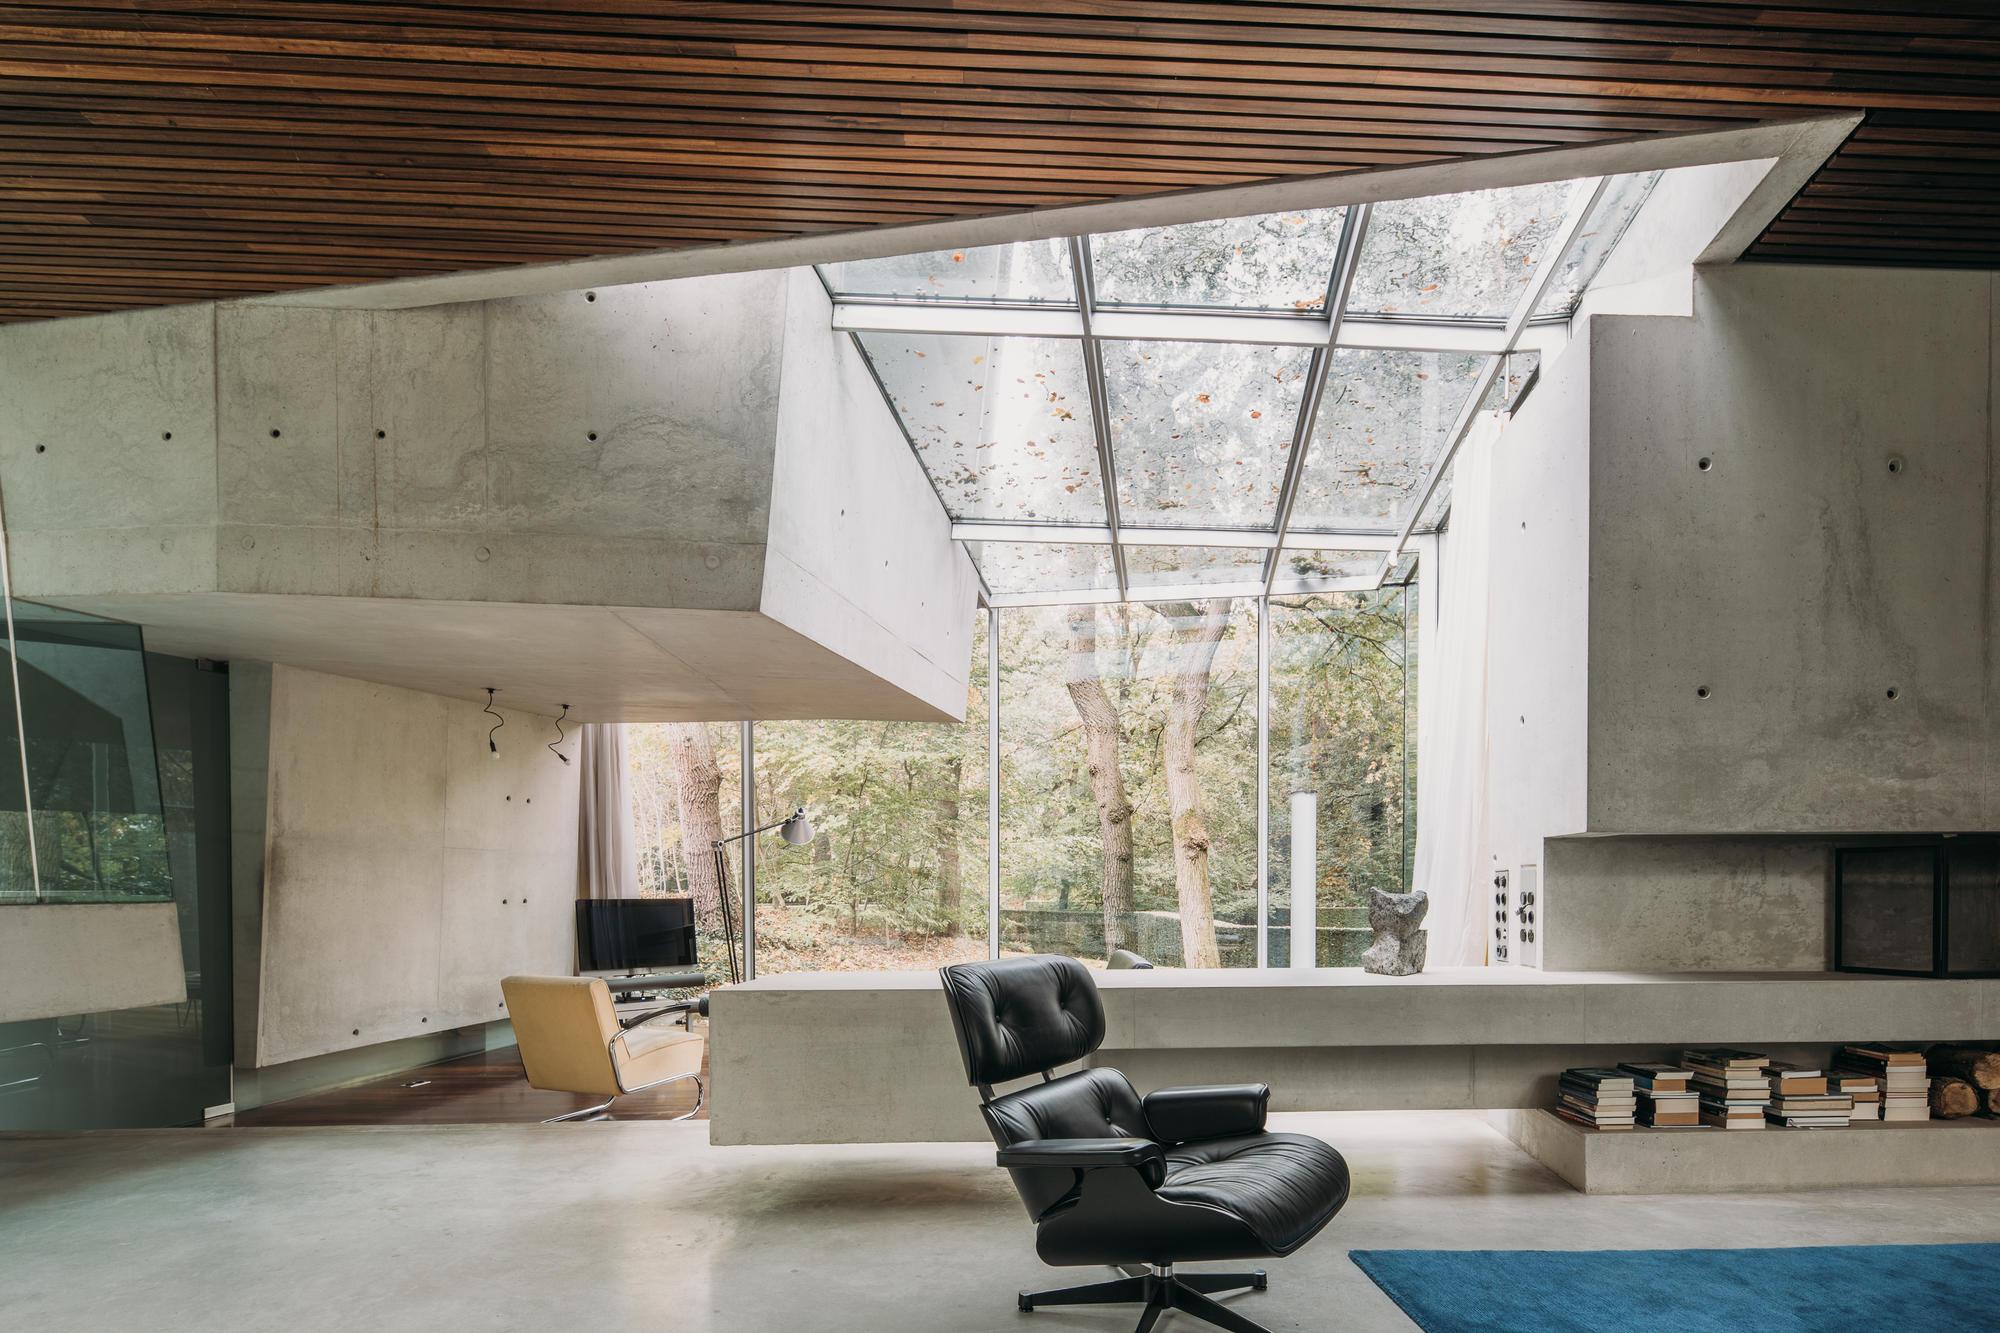 Möbius House - UNStudio